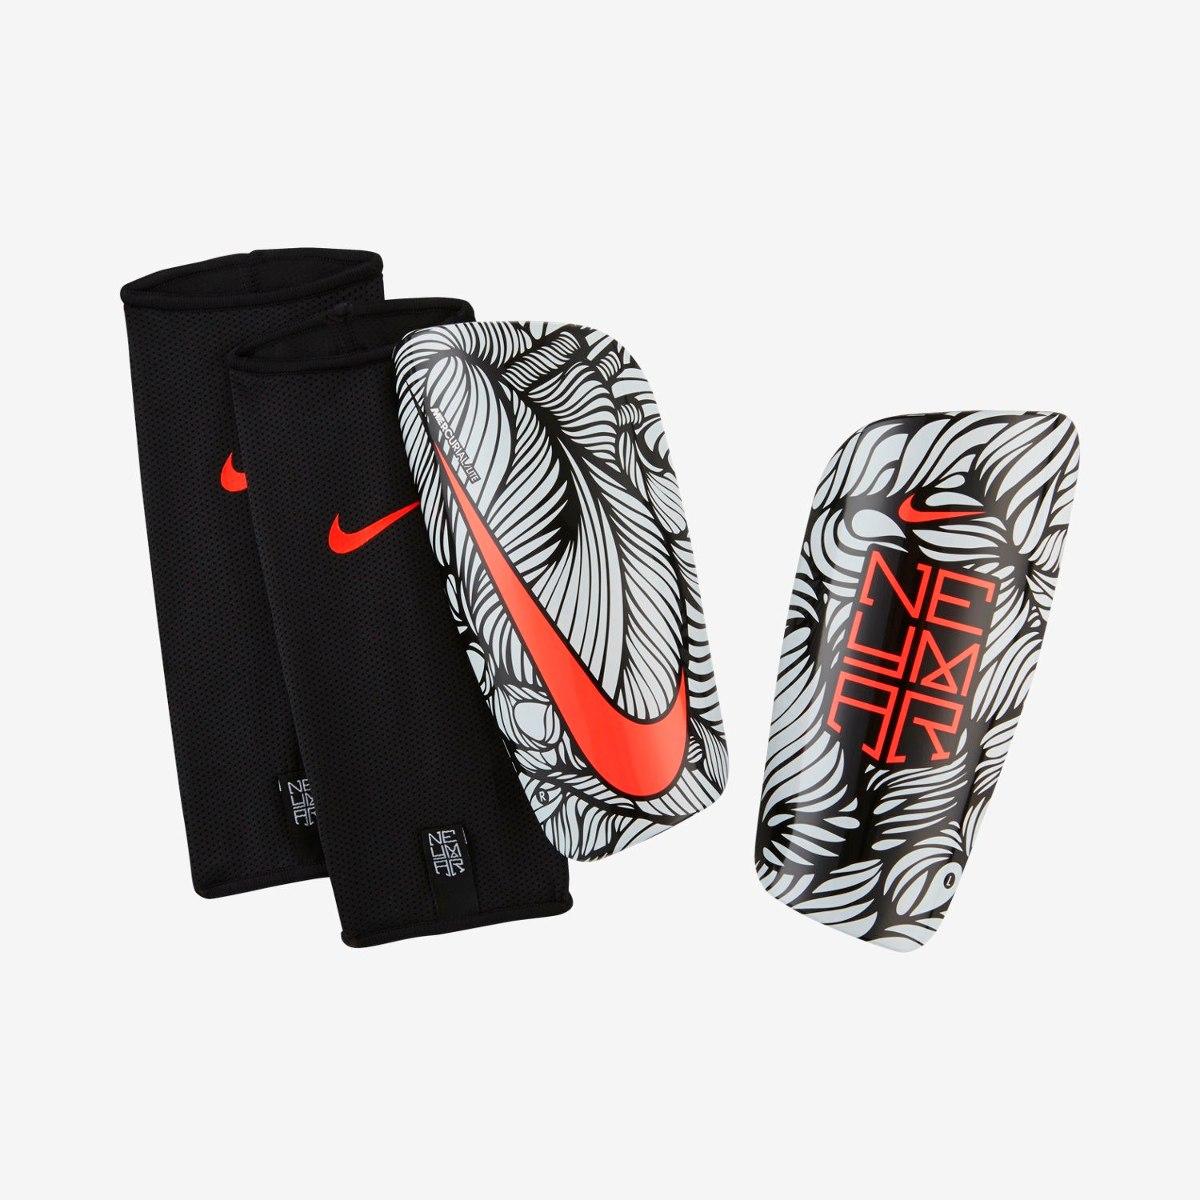 146b98240cac3 Caneleira Nike Mercurial Lite Neymar Tam. - Gg - V2mshop - R$ 129,90 em Mercado  Livre